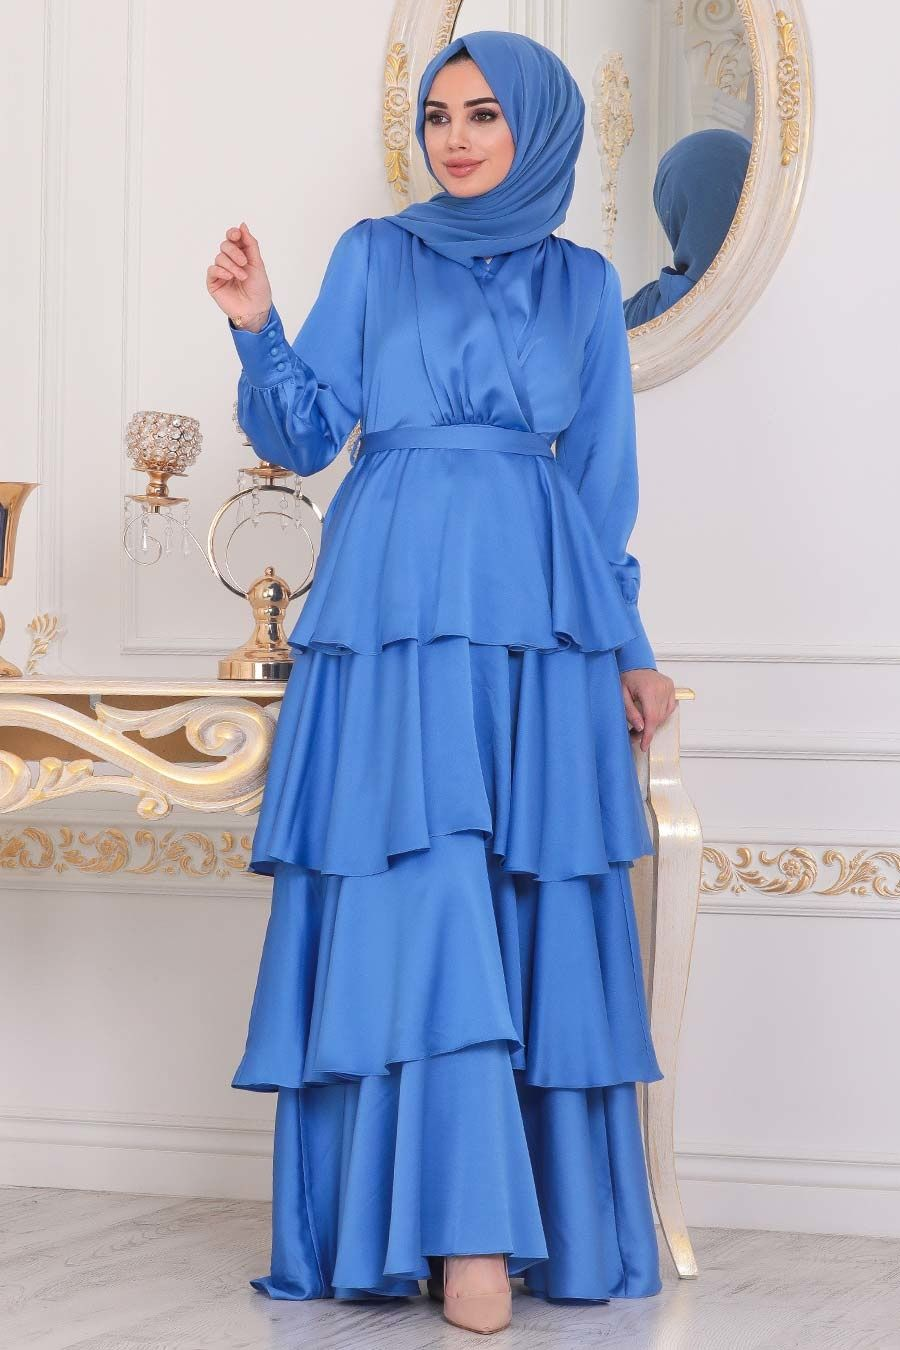 Tesetturlu Abiye Elbise Firfirli Krep Saten Indigo Mavisi Tesettur Abiye Elbise 22701im Tesetturisland Com 2020 Moda Stilleri Indigo Mutevazi Moda